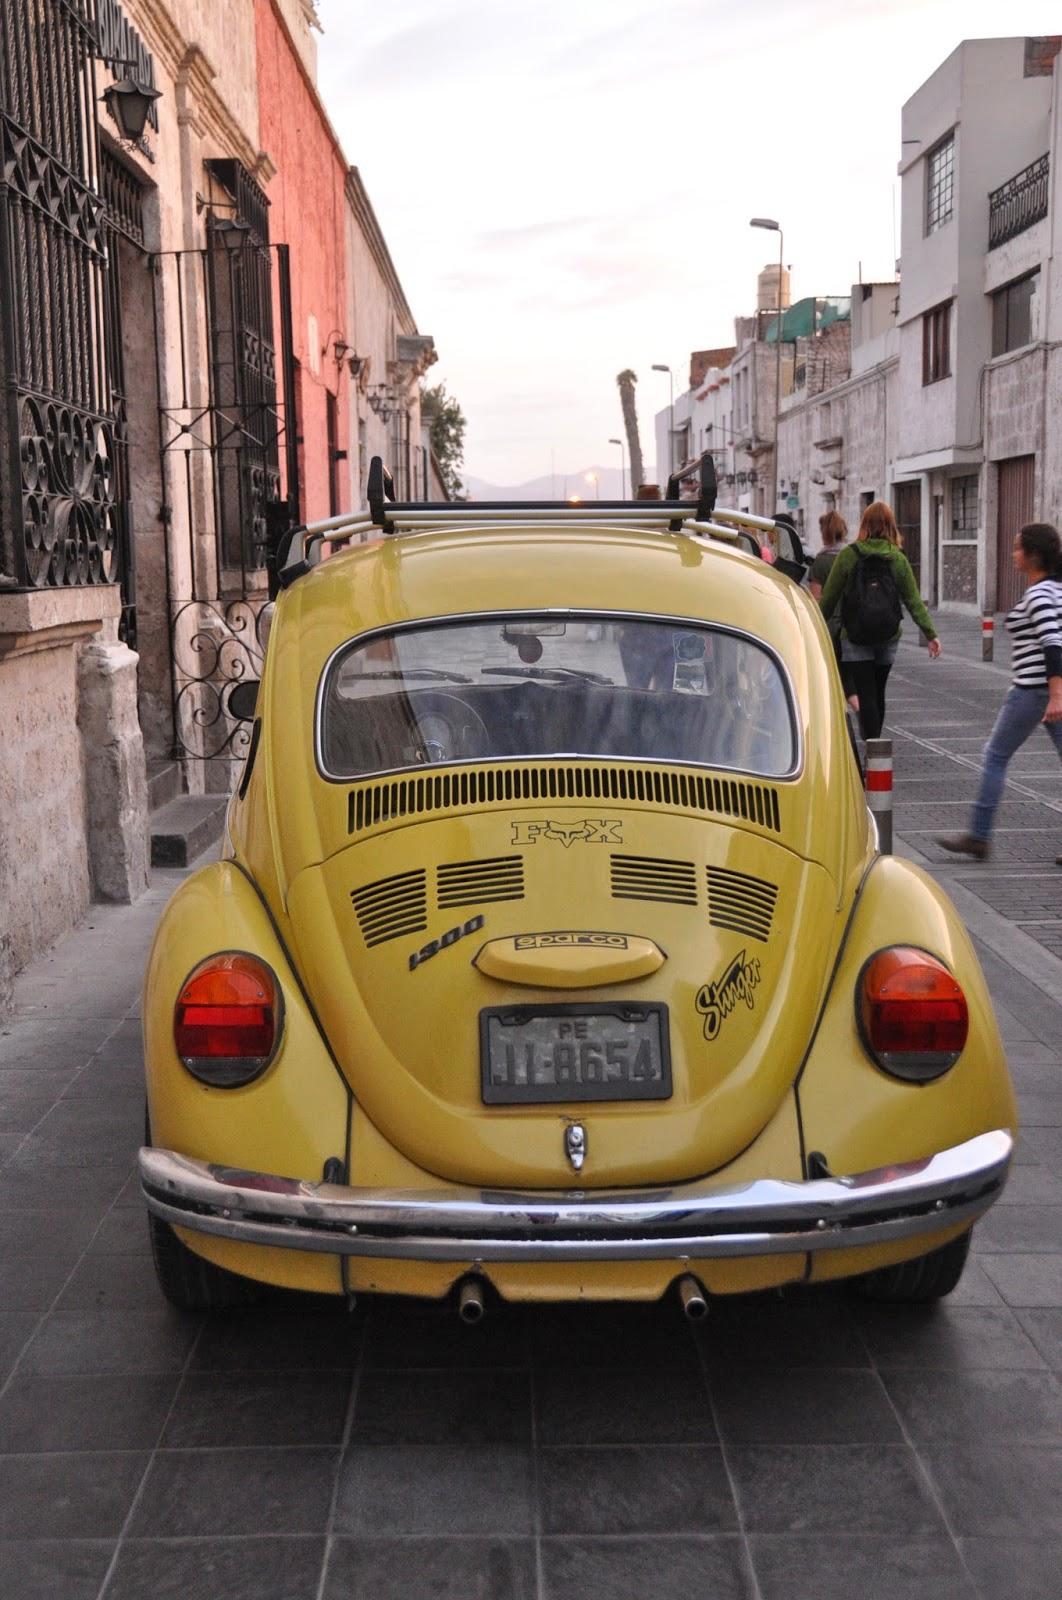 Vintage cars everywhere!